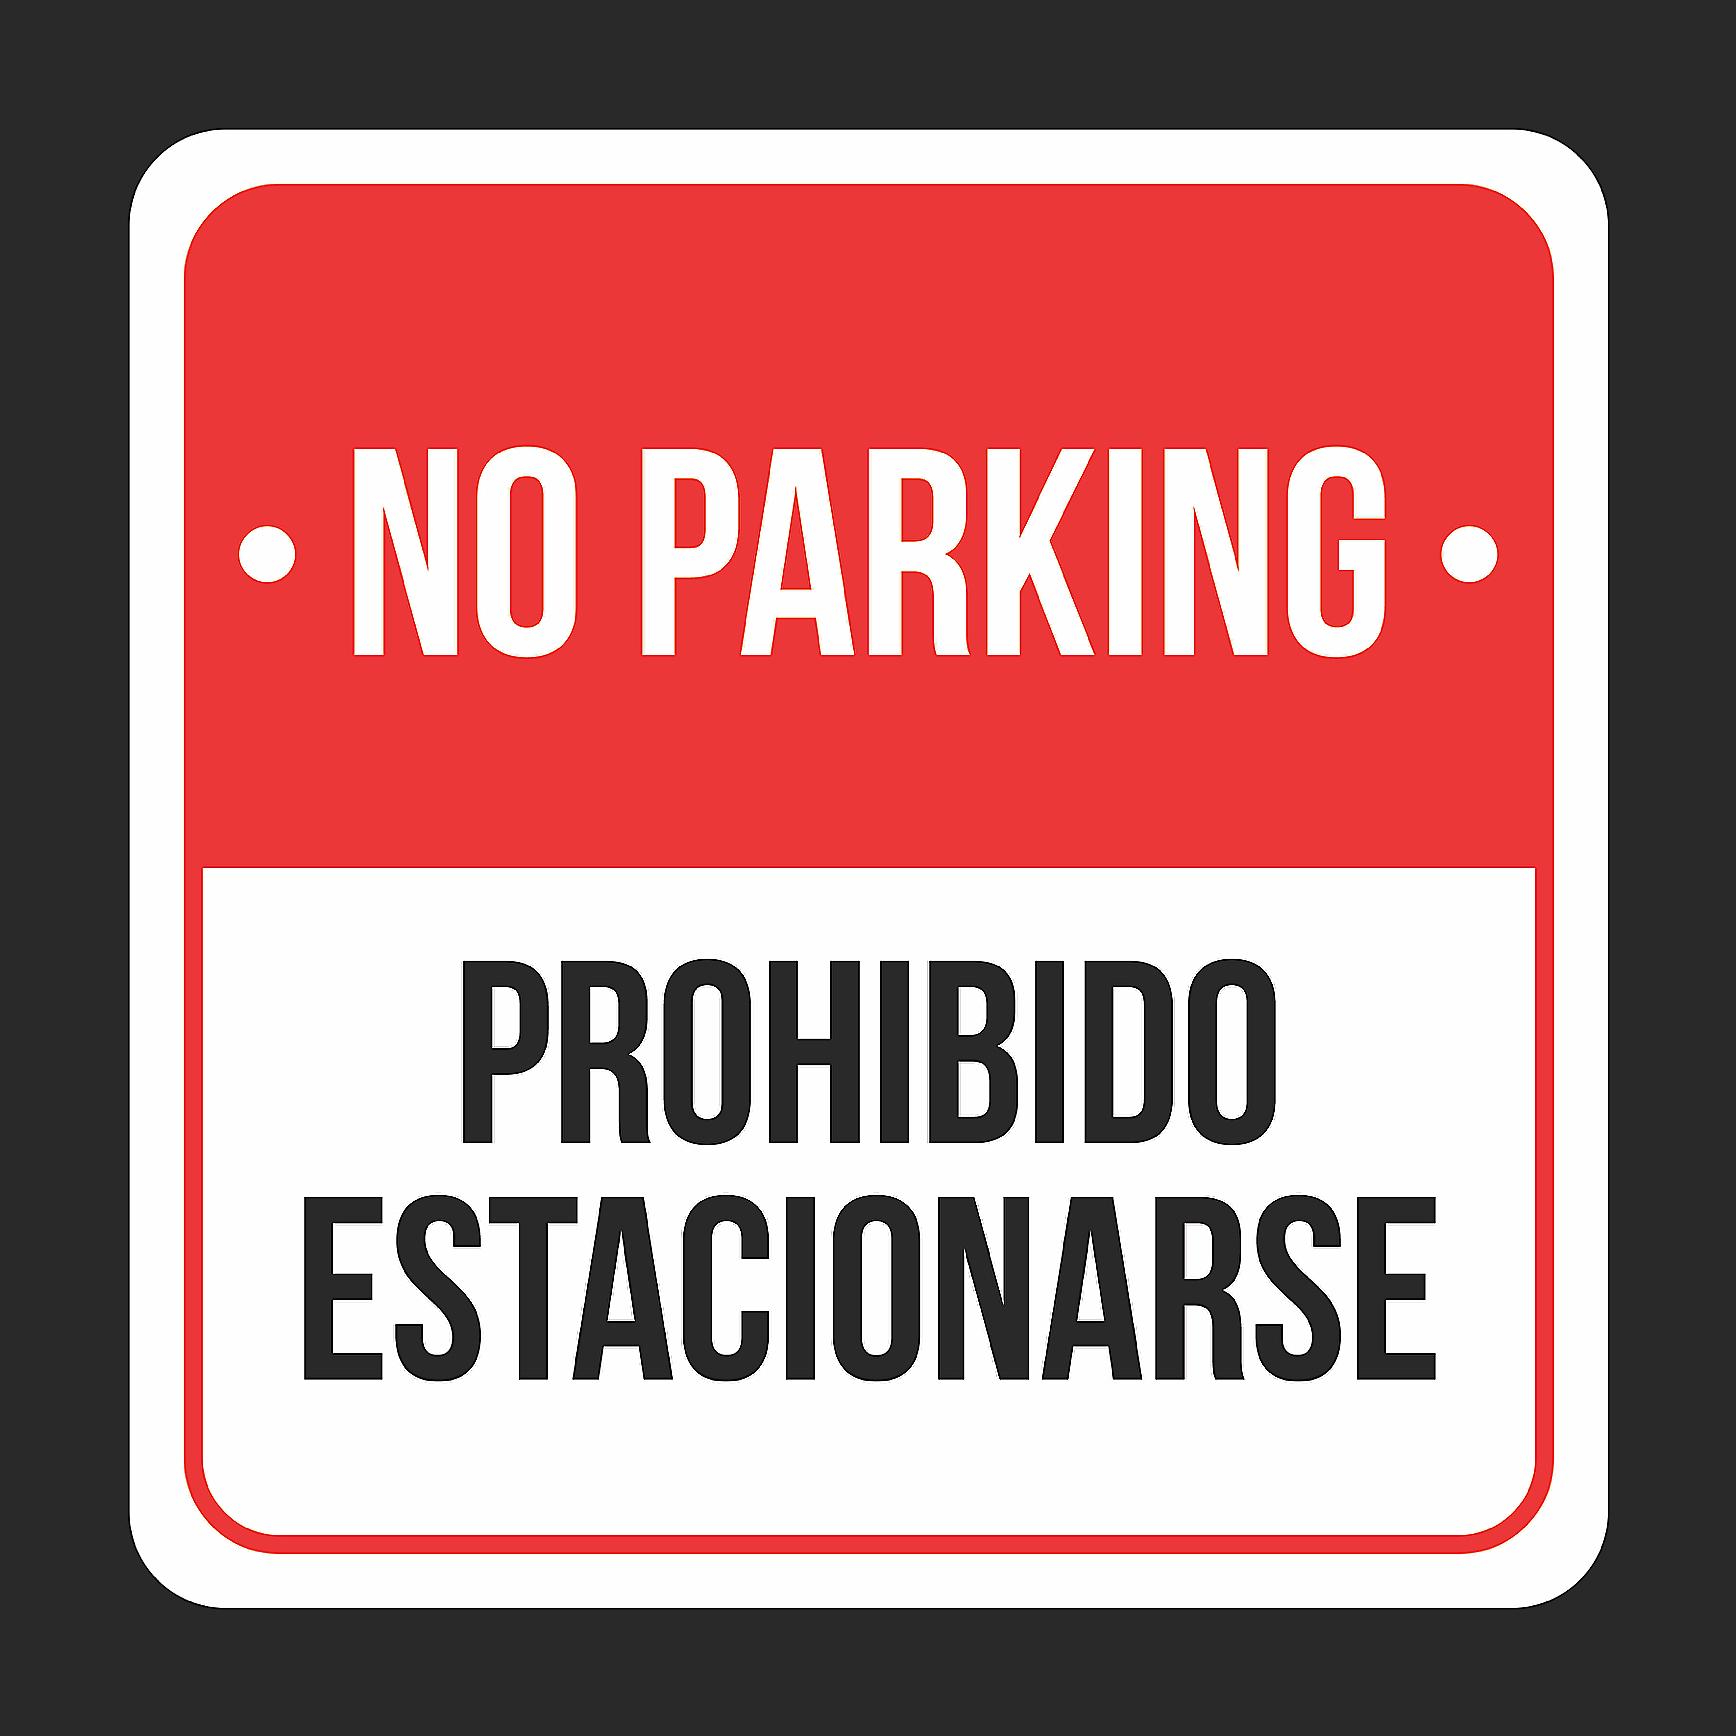 No Parking Prohibido Estacionarse Print Black, White And Red Plastic Square Signs, 12x12